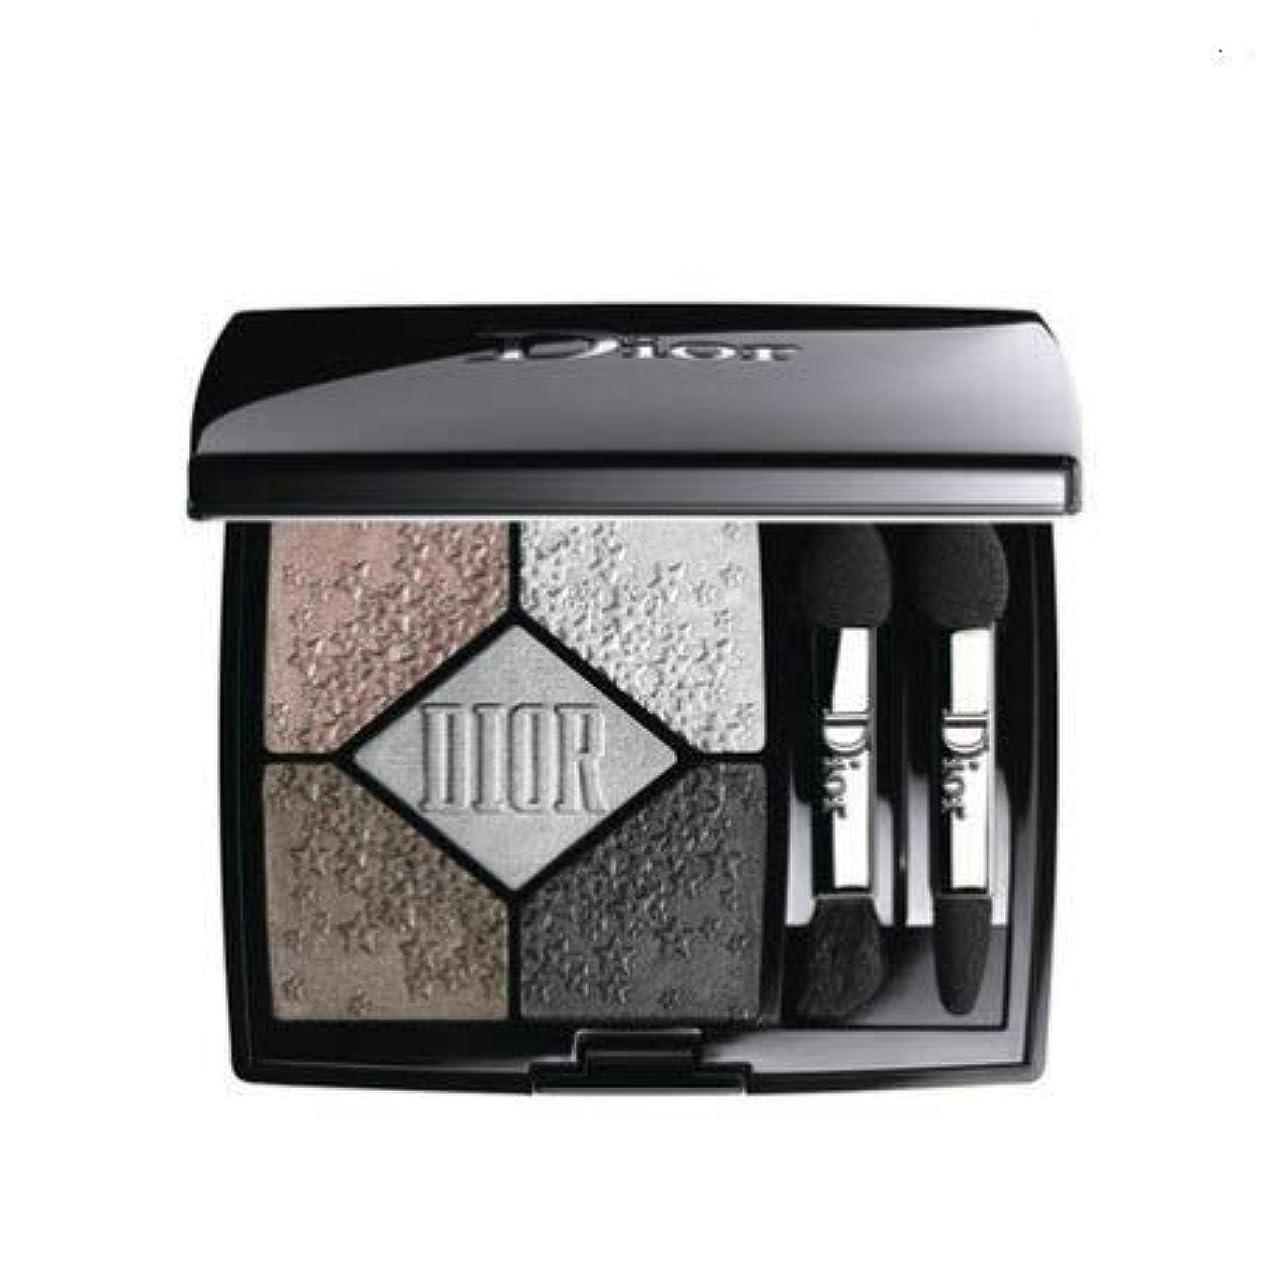 高潔な標準スリンクディオール サンク クルール #057 ムーンライト 限定色 -Dior-